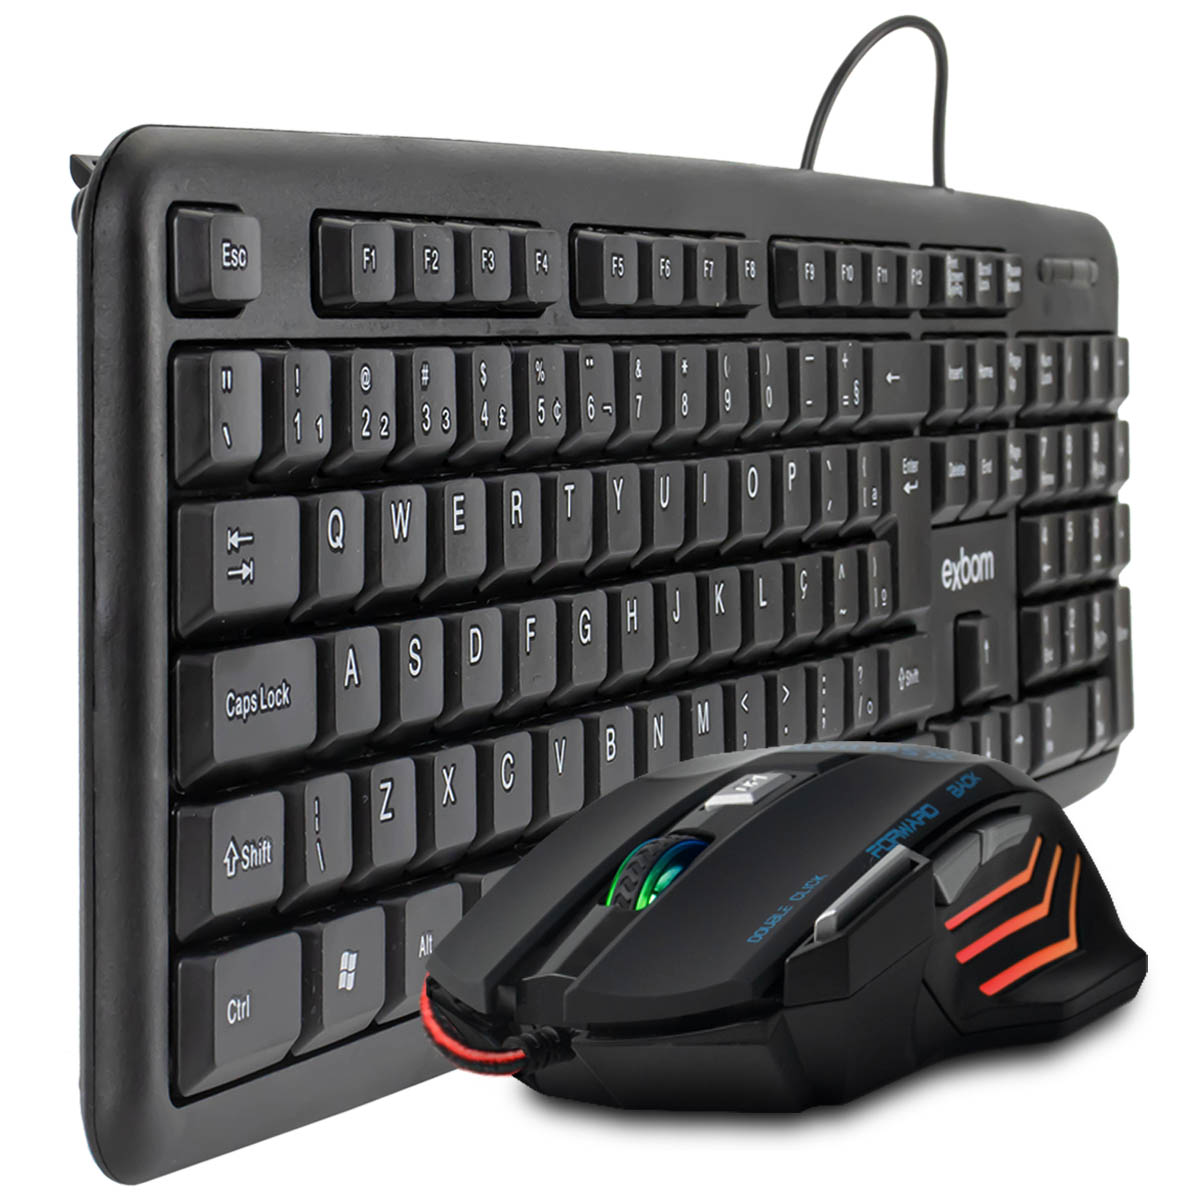 KIT Teclado e Mouse USB ABNT 2 (com Ç) Exbom BK-102 + Mouse Gamer 7 Botões DPI Ajustável GM-700